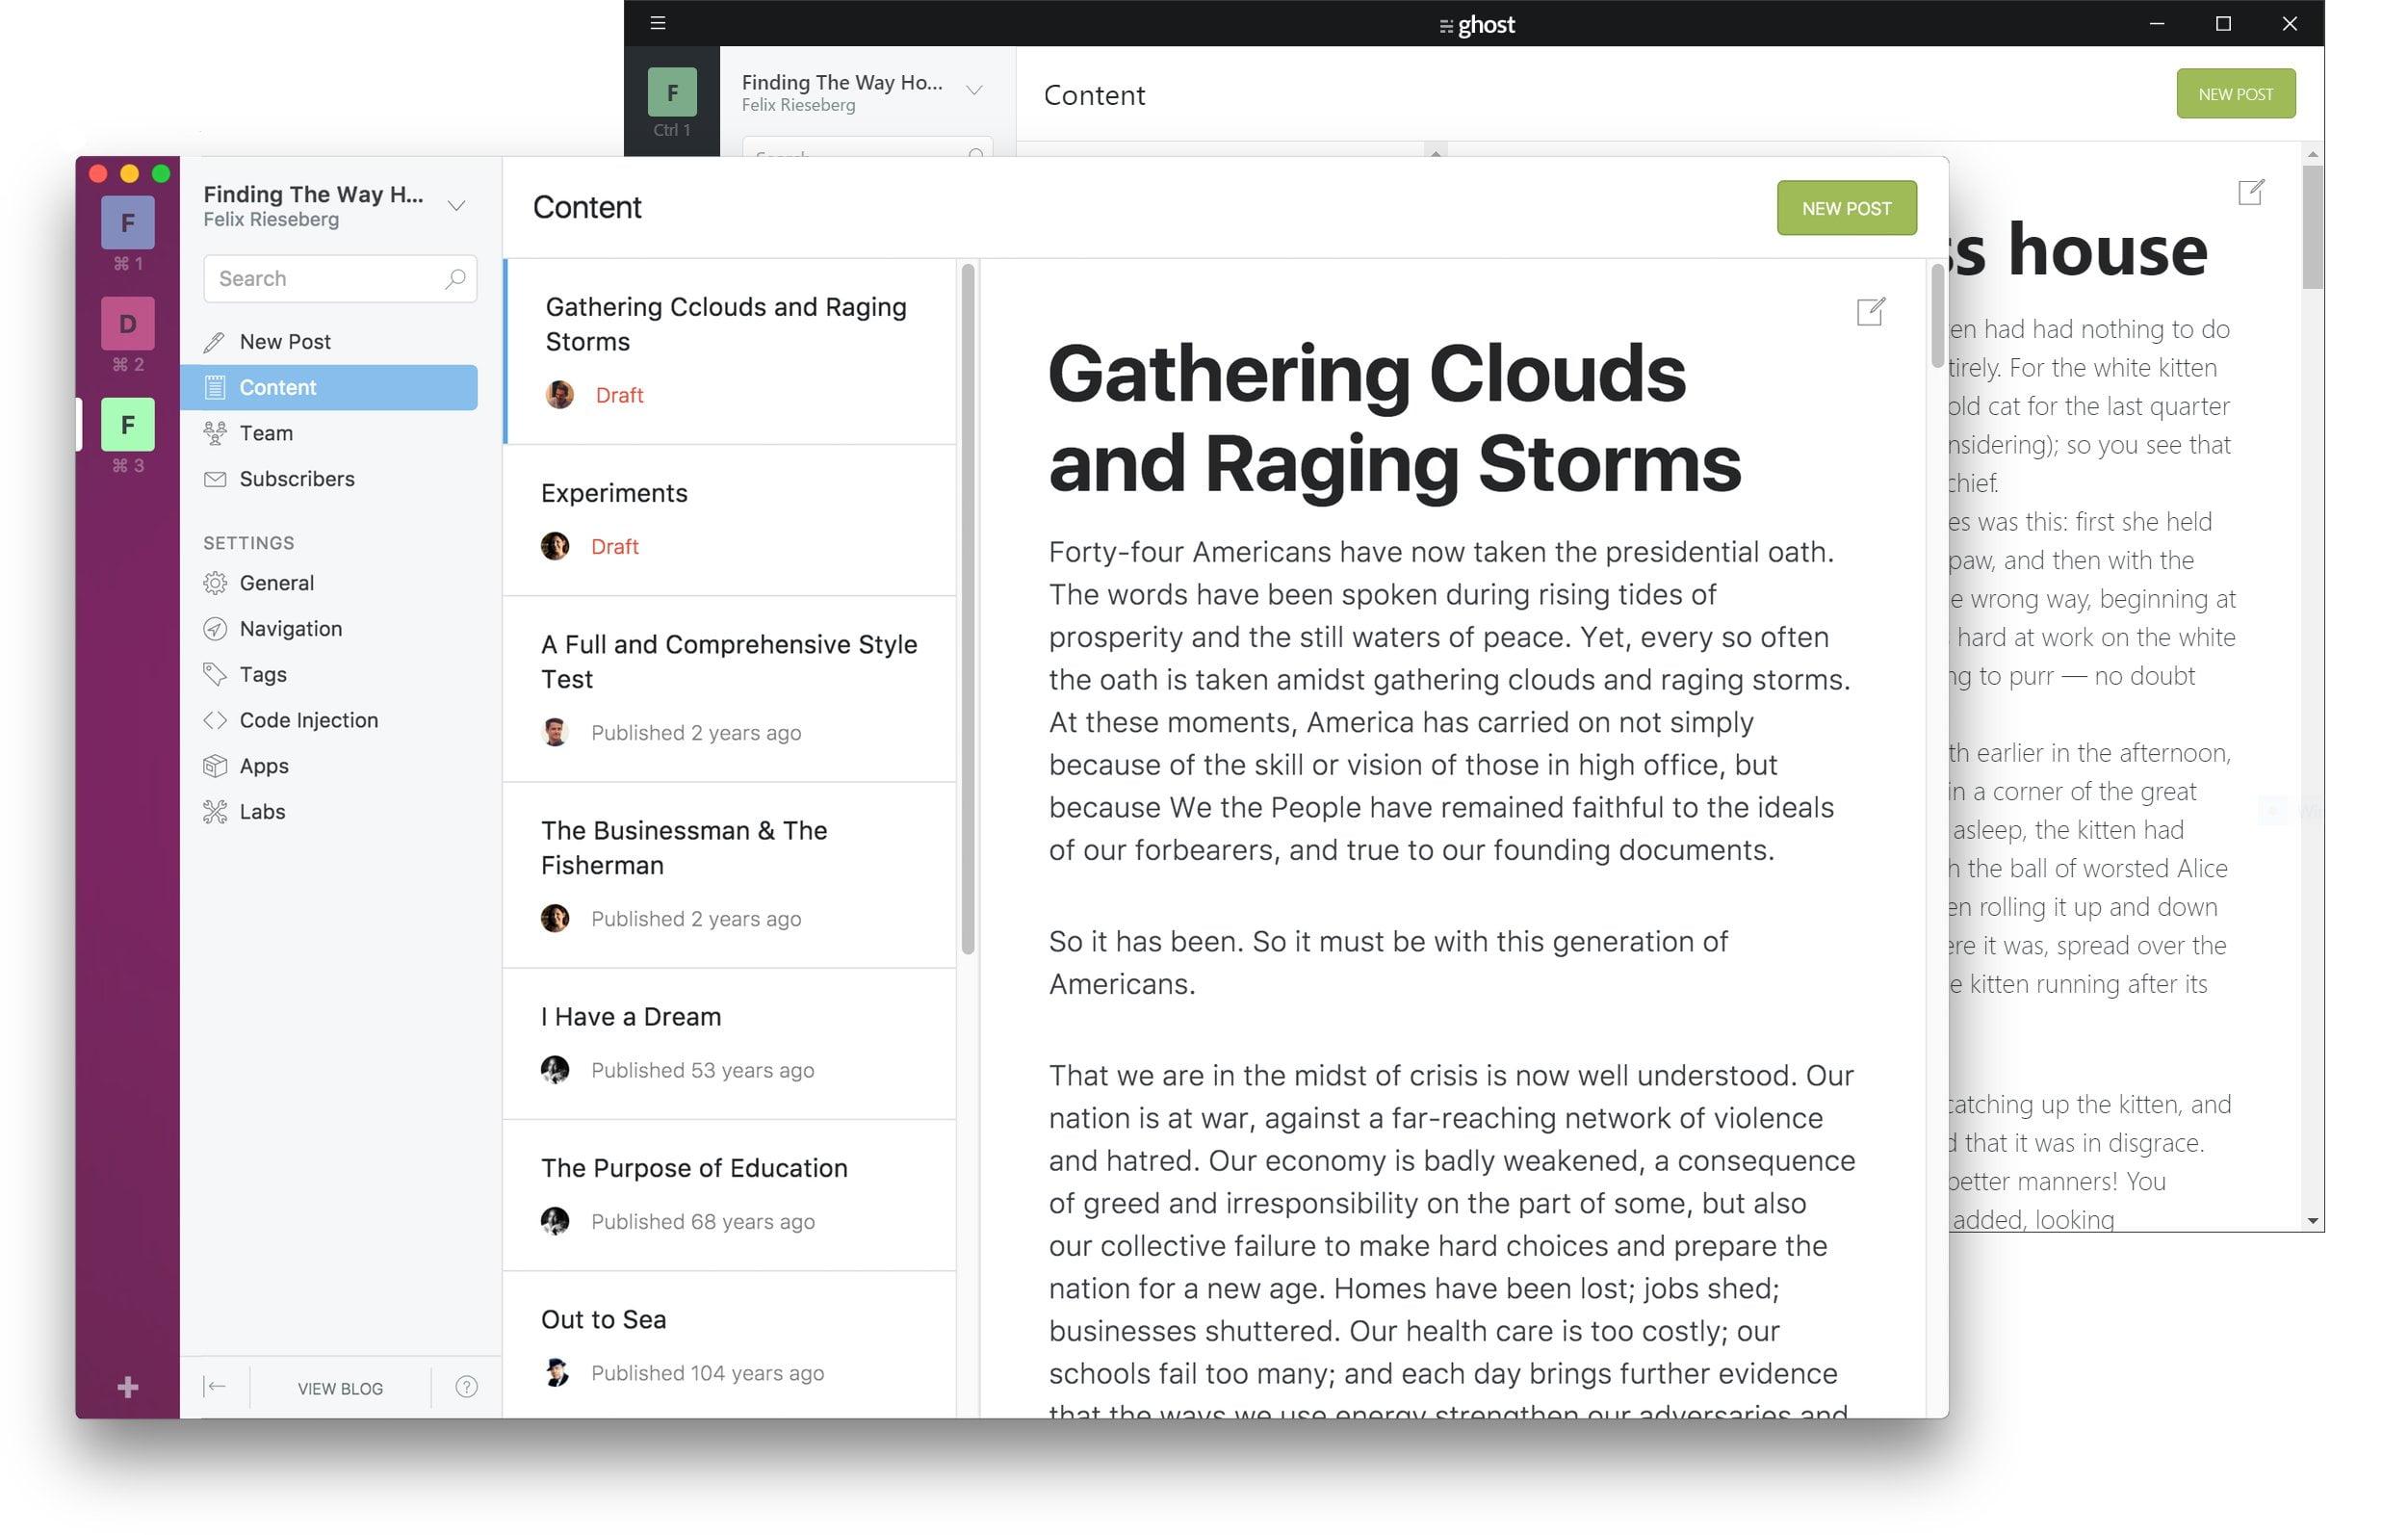 Como instalar o incrível Ghost Desktop no Linux via Snap